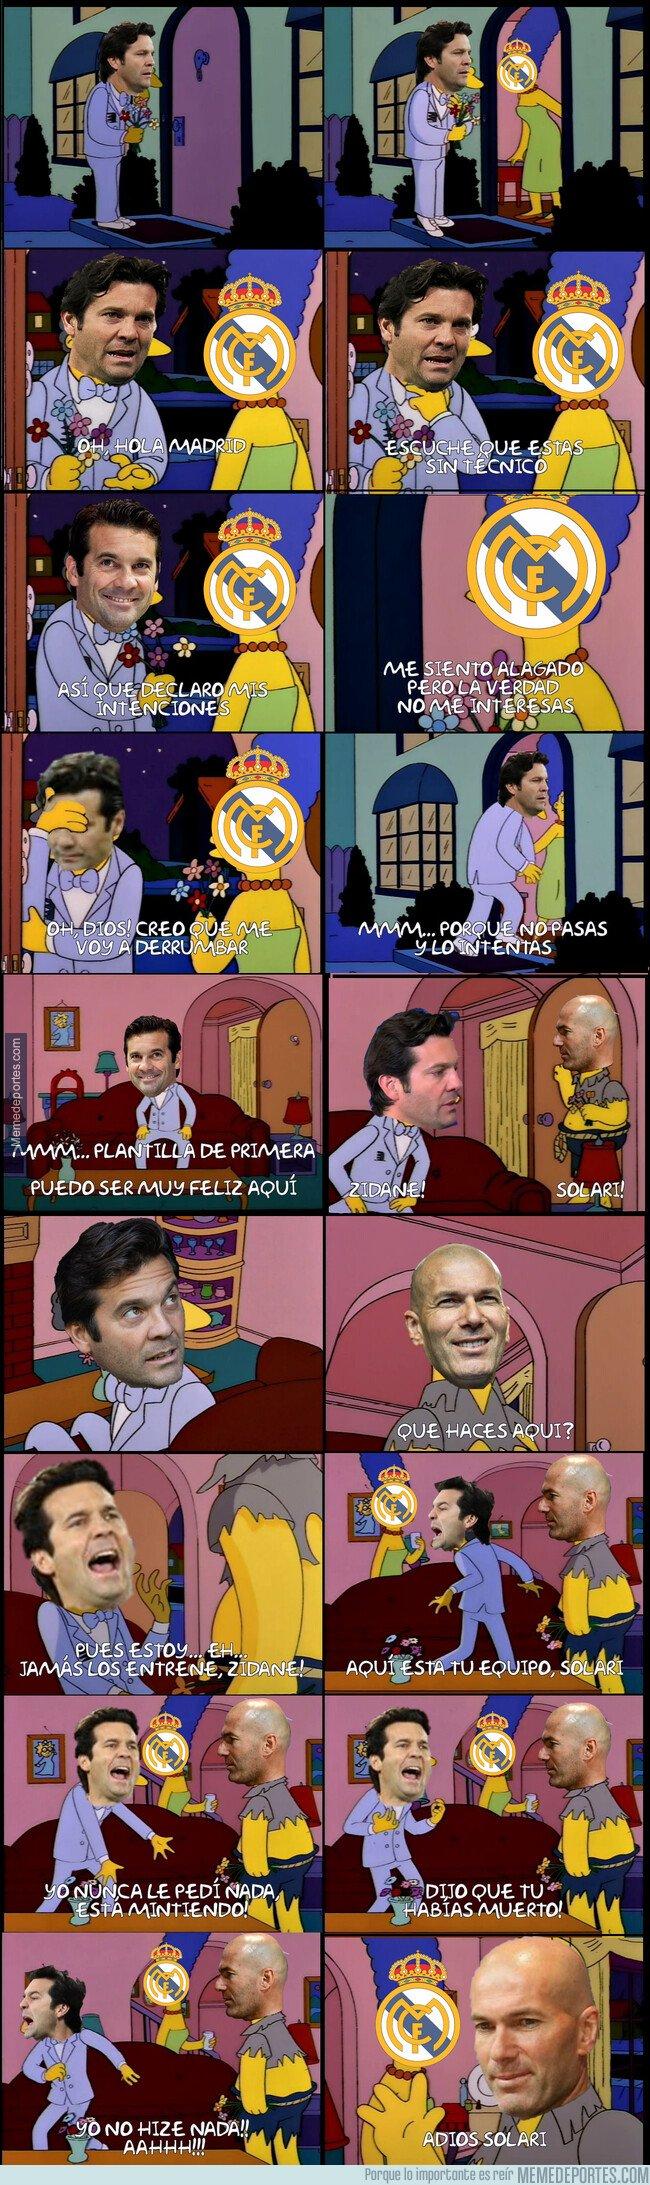 1067676 - El regreso de Zidane